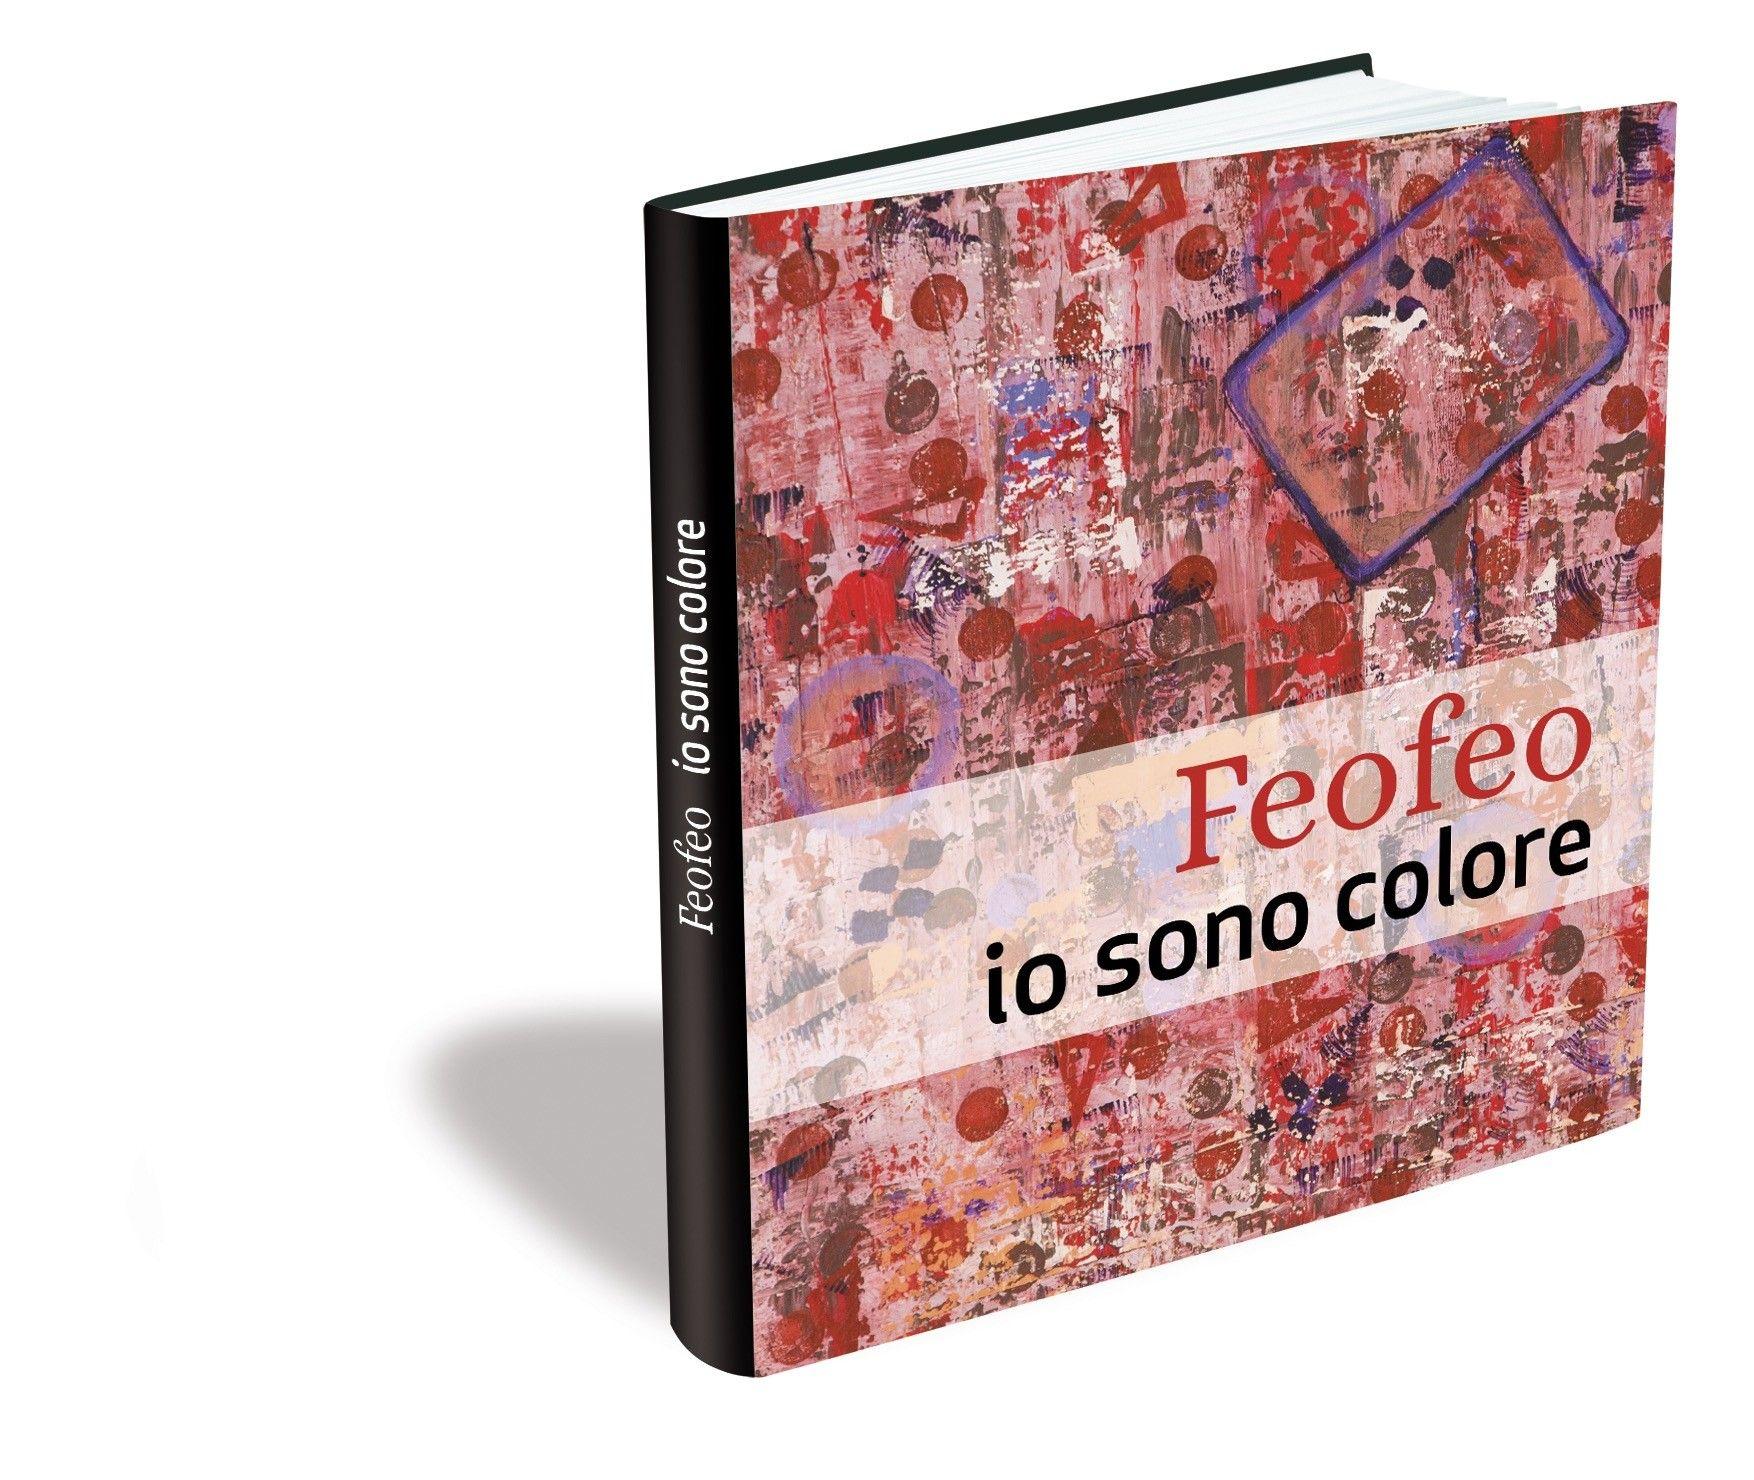 MIXED MEDIA SU CANAPA FEOFEO 'IL CAPPELLAIO  MATTO' dimensioni L 139 x H 98 cm.